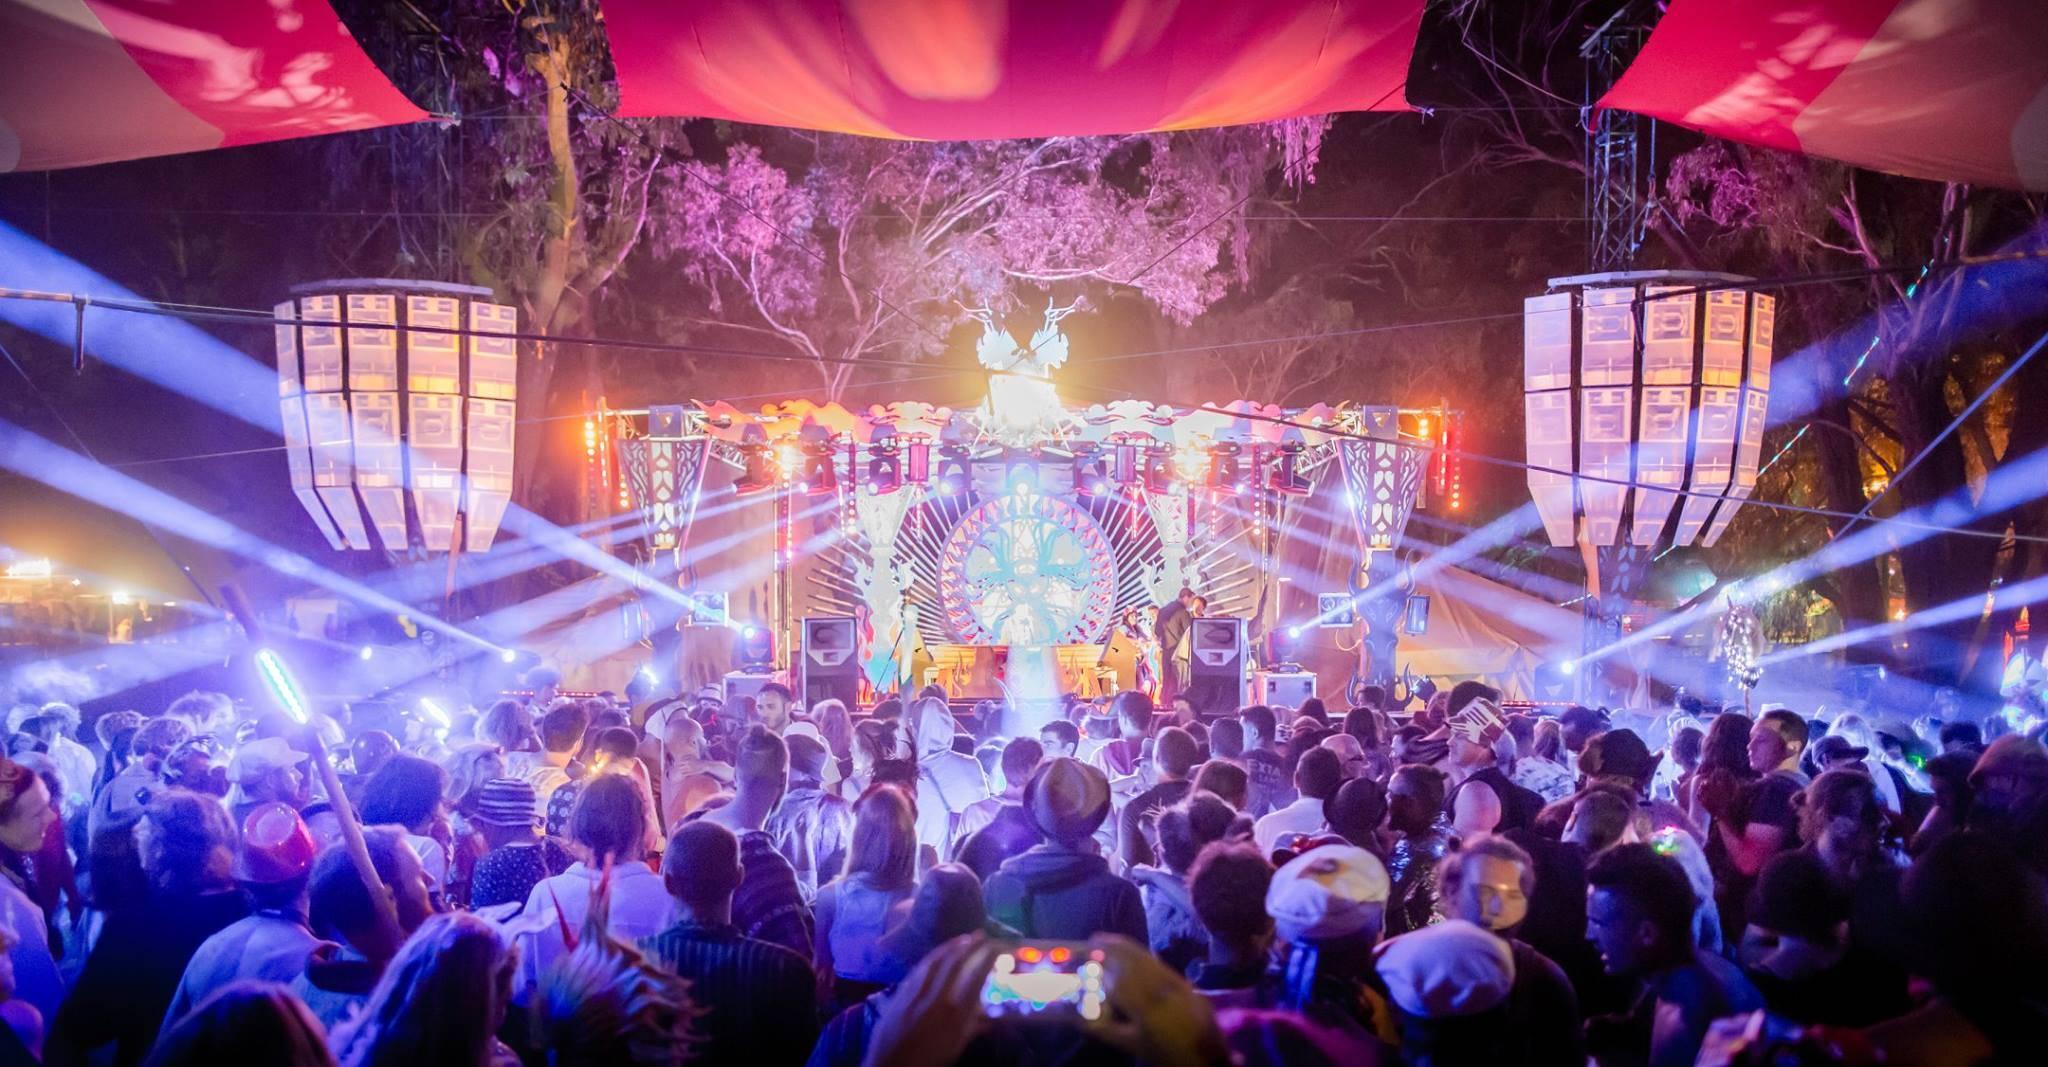 Rainbow Serpent 2015 - dancefloor with lasers